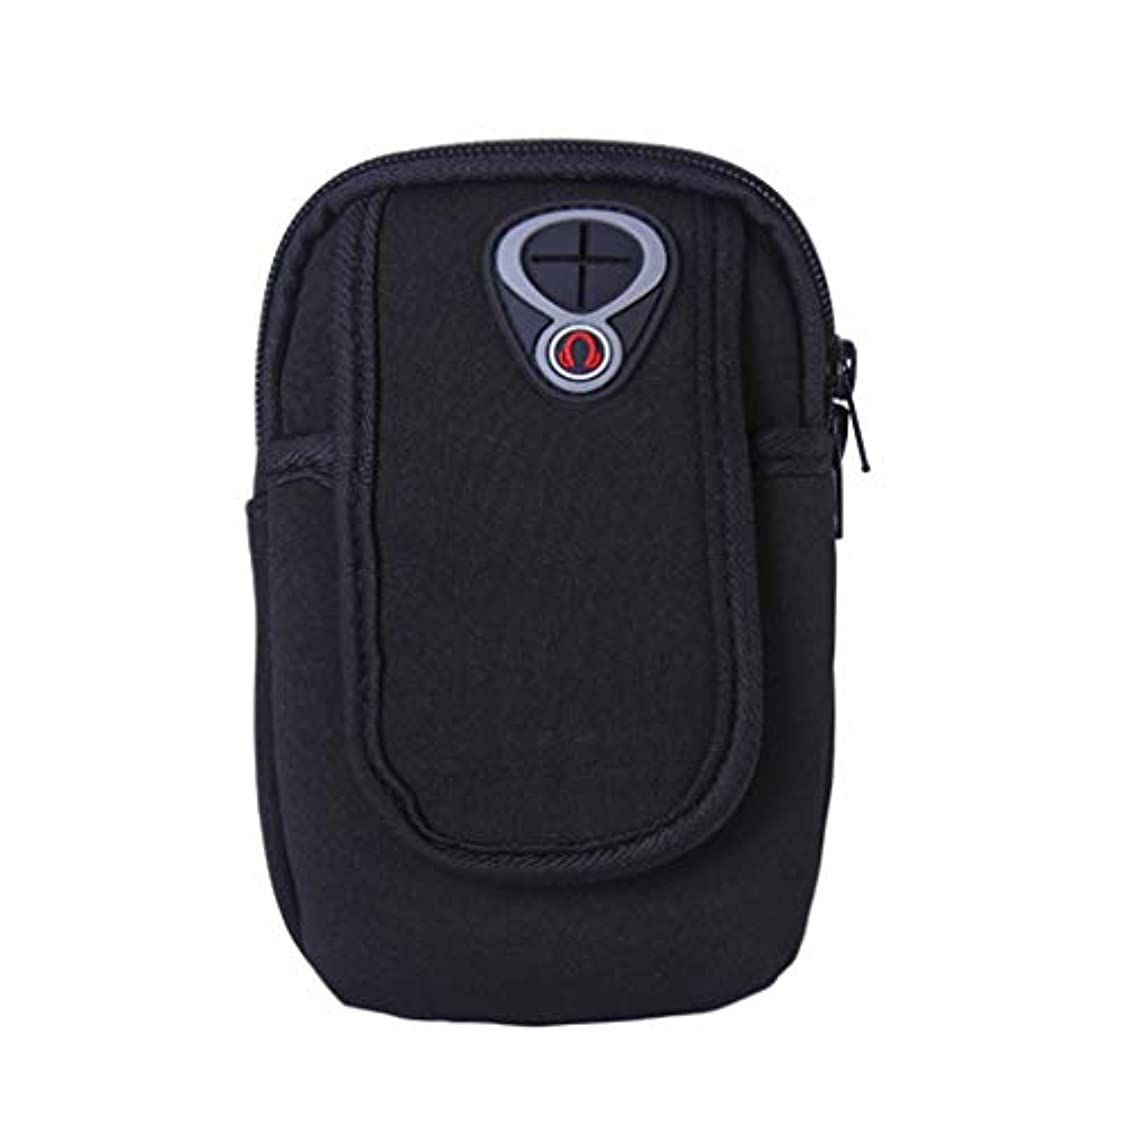 比類のないマージンホールドオールスマートフォンホルダー 携帯ケース YOKINO 通気性抜群 小物収納 防水防汗 軽量 縫い目なし 調節可能 男女共用